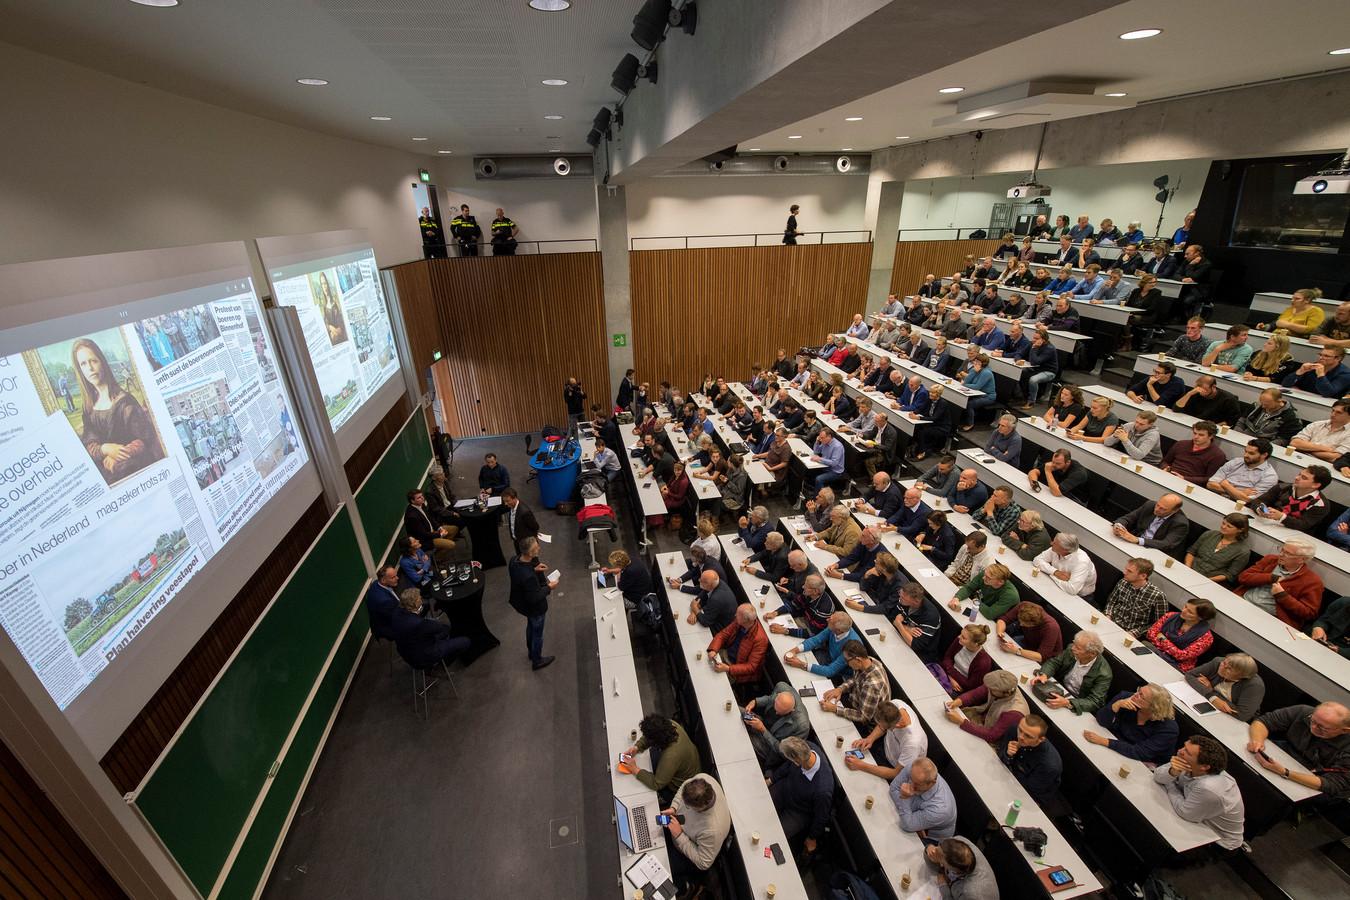 Een volle zaal voor het Boerendebat van De Gelderlander in Wageningen.